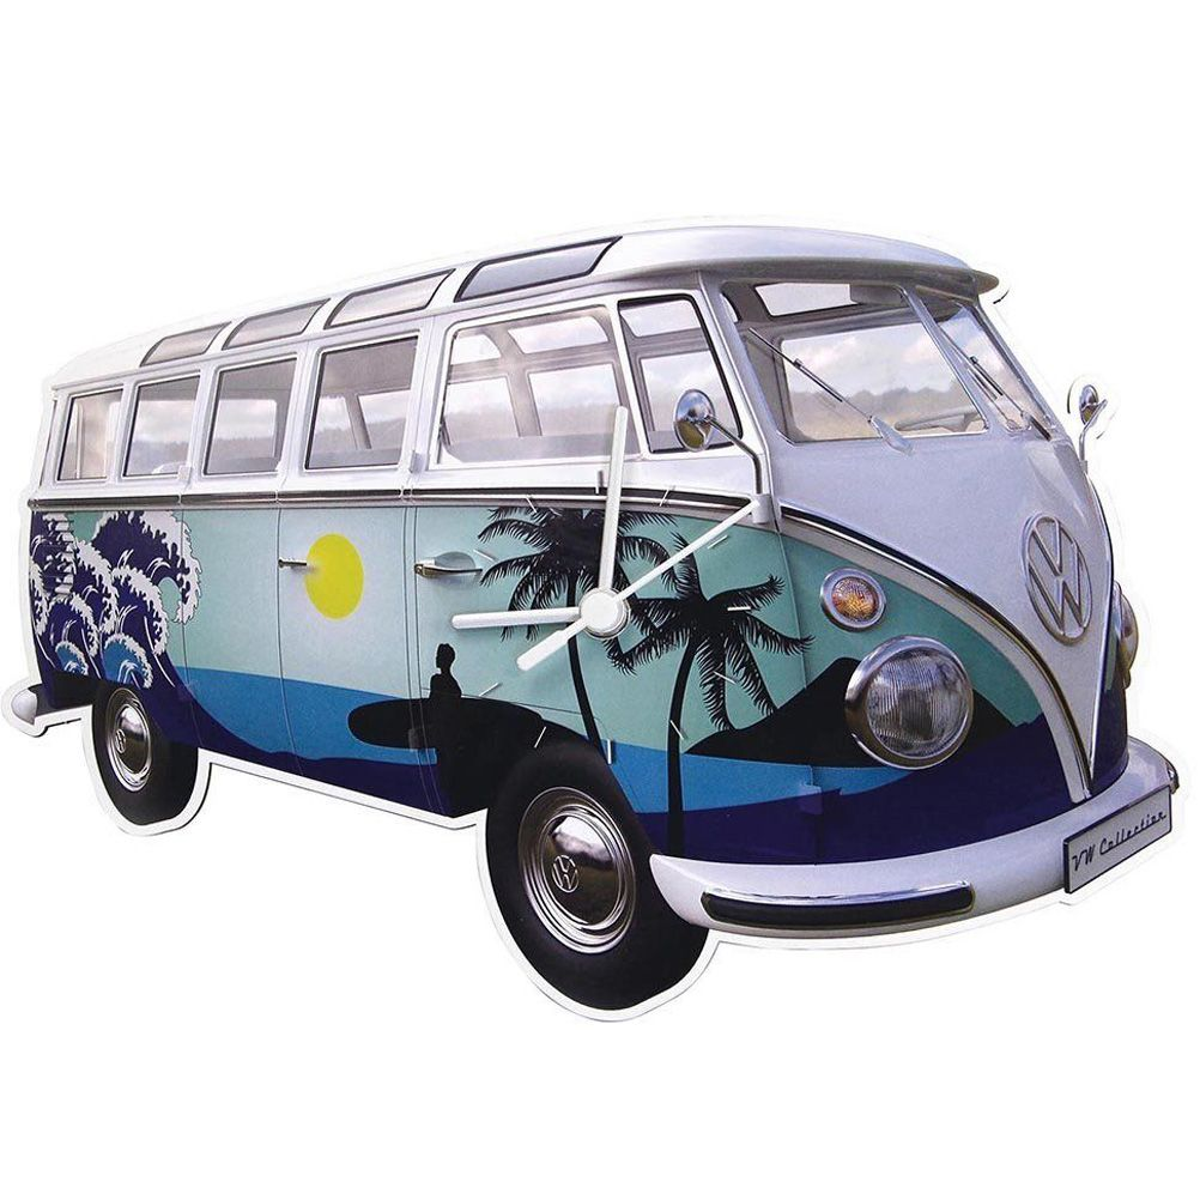 horloge decoration pendule design horloge volkswagen combi bleu surf. Black Bedroom Furniture Sets. Home Design Ideas